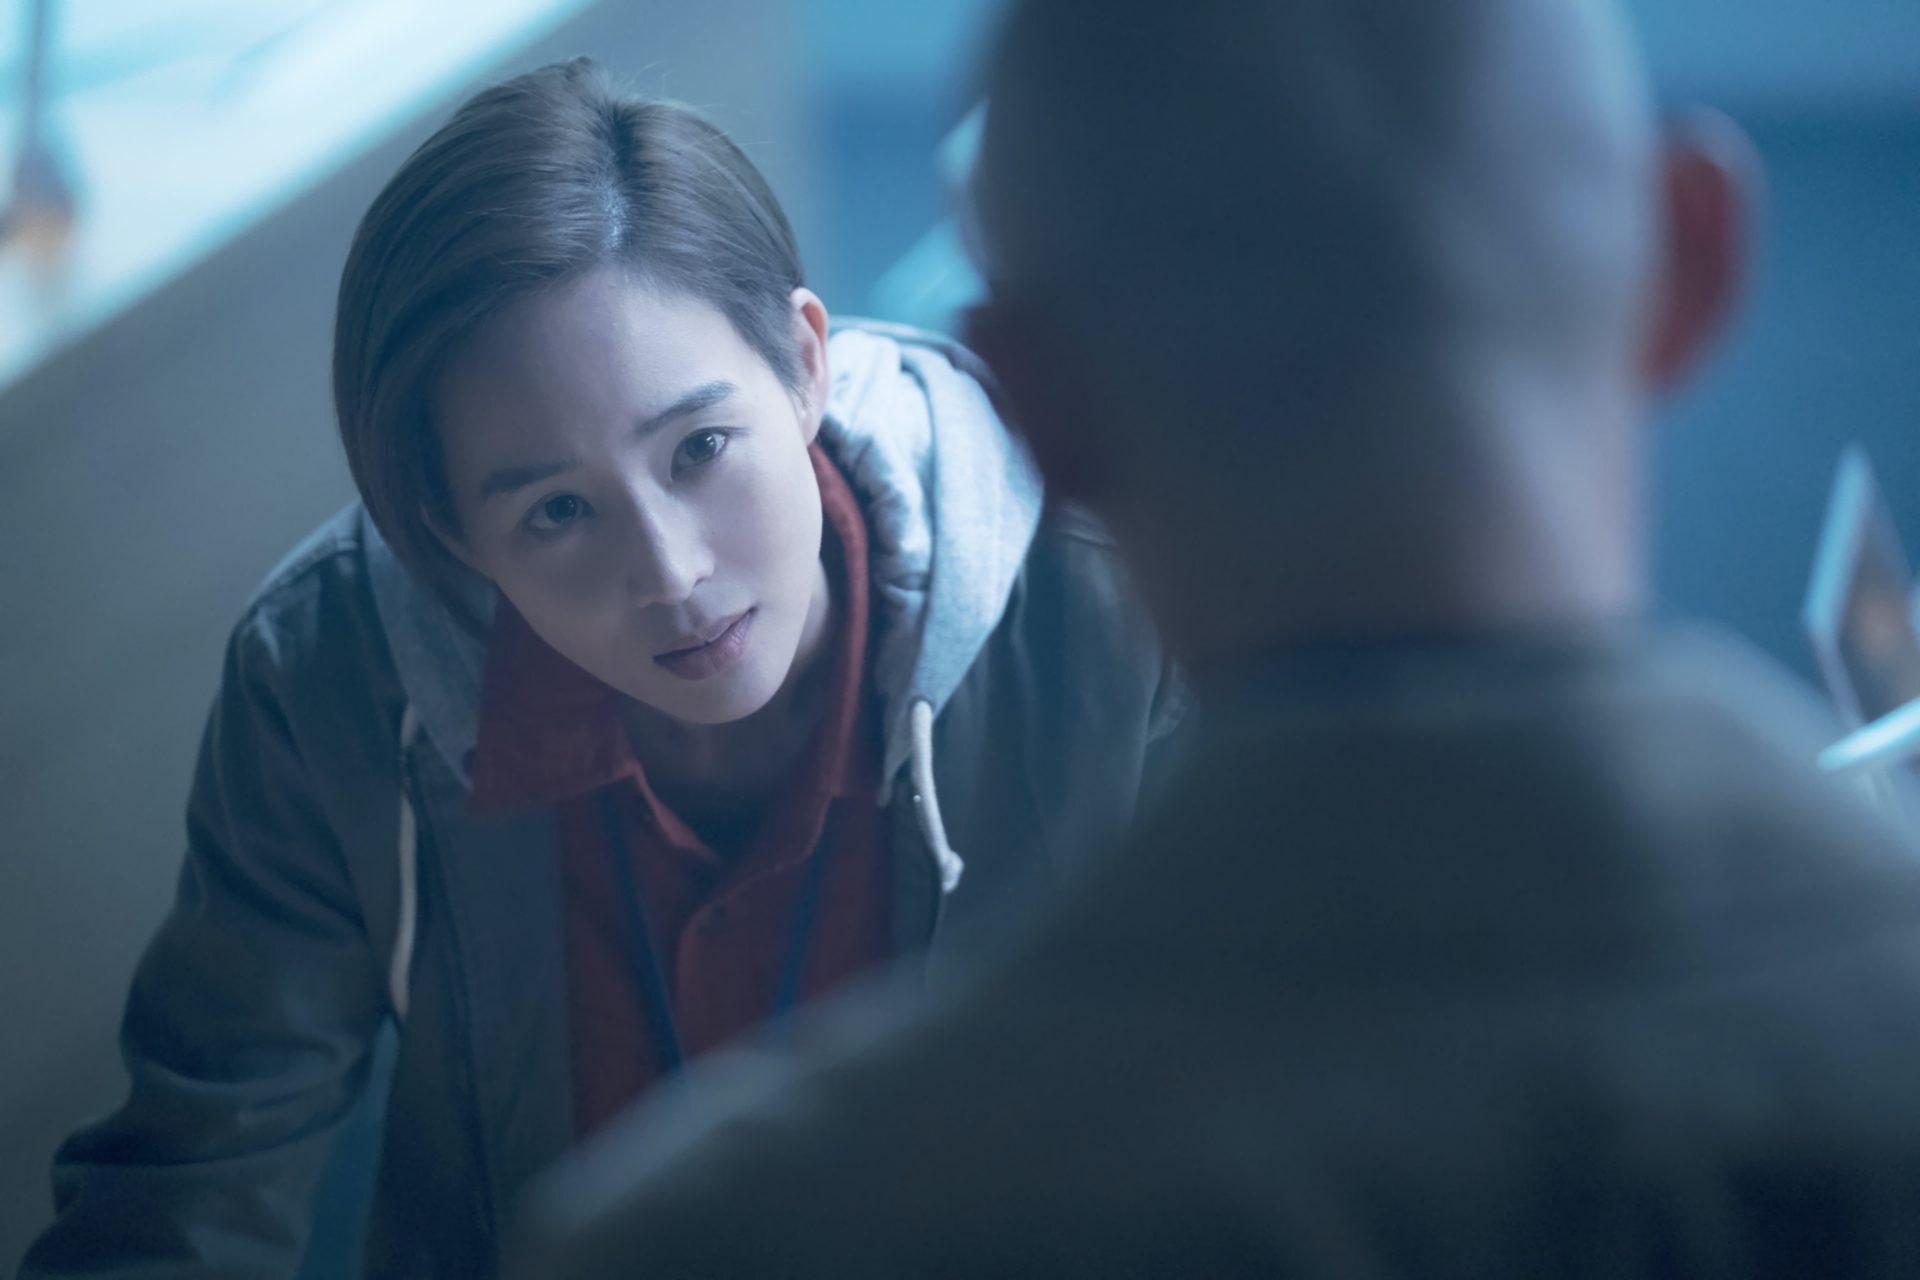 吳青峰獻唱《緝魂》主題曲〈不苦〉 空靈感逼哭導演程偉豪:心靈都被淨化!